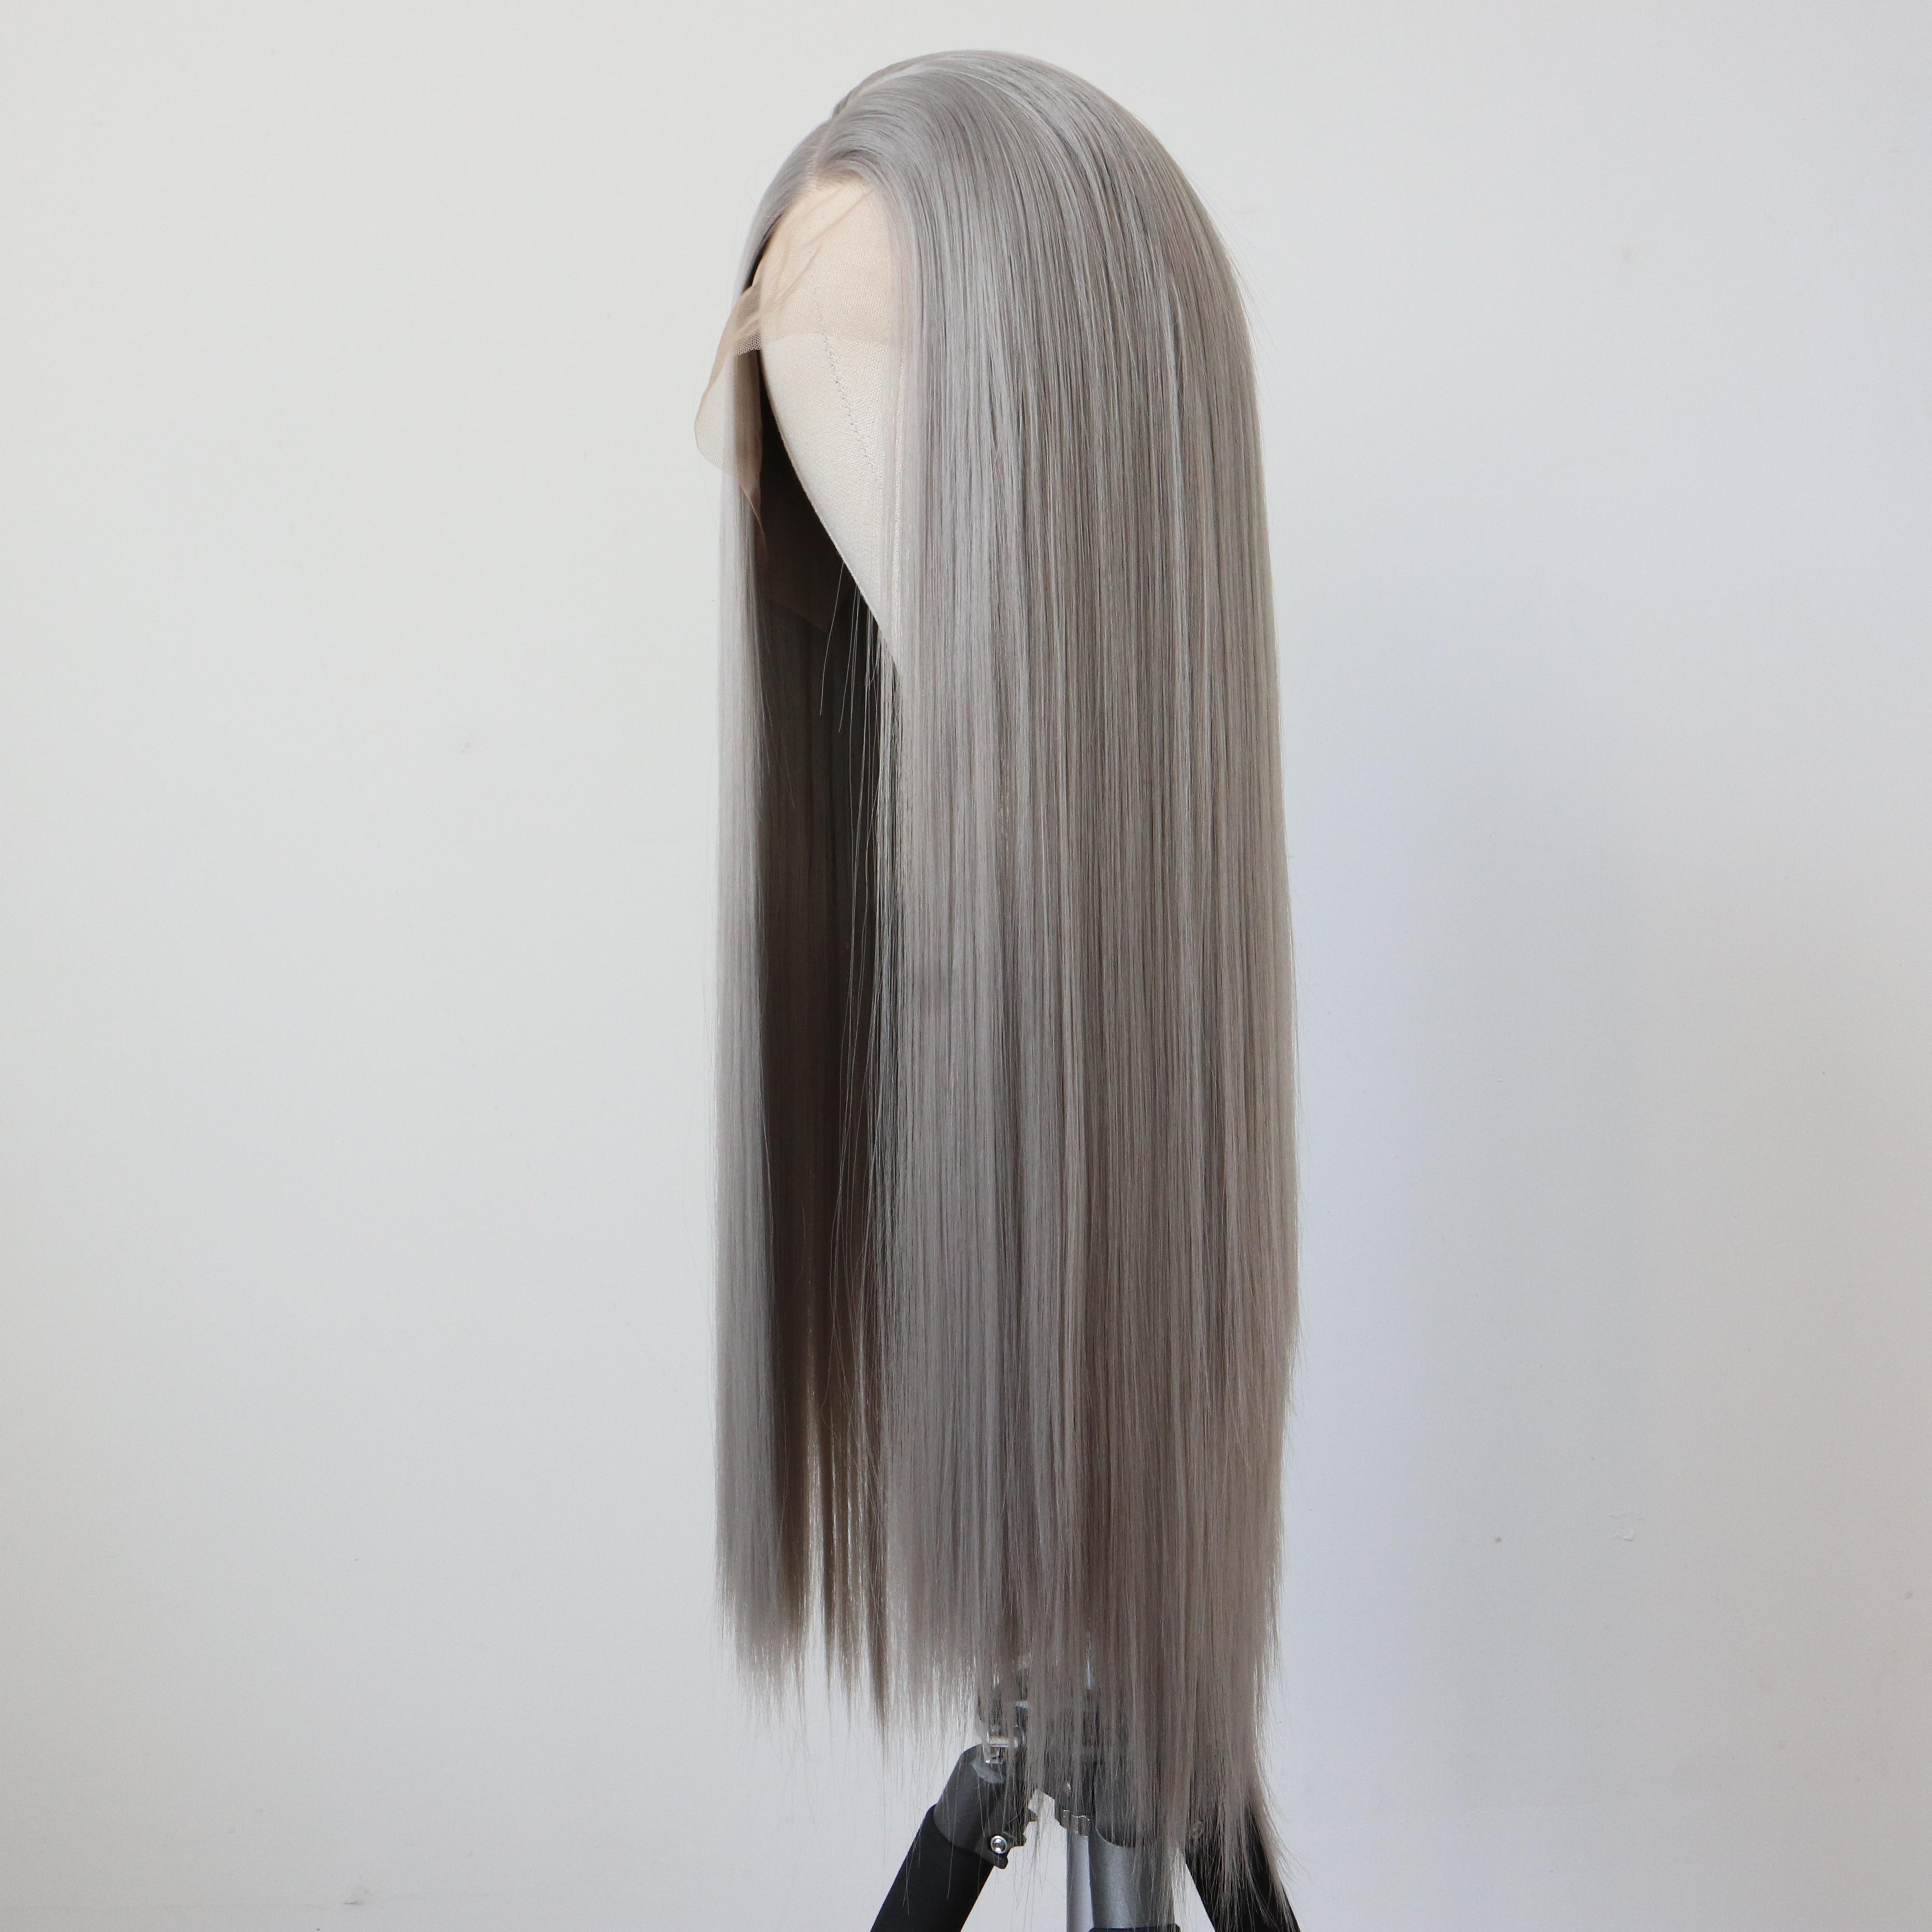 بيروكات صناعية رمادية للنساء شعر ألياف مقاومة للحرارة شعر رمادي طويل شعر مستعار الاصطناعية الدانتيل شعر مستعار أمامي